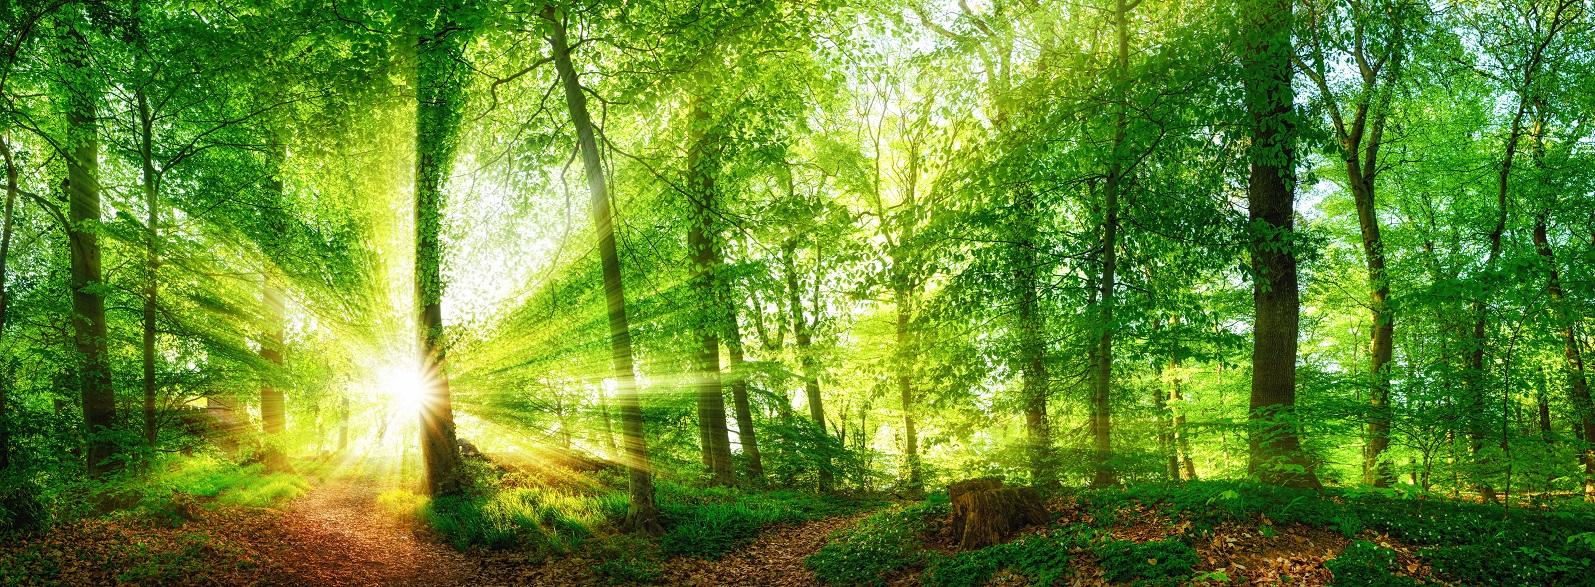 Wald Panorama mit durch Blätter leuchtenden Sonnenstrahlen; www.fengshui-schmidt.de